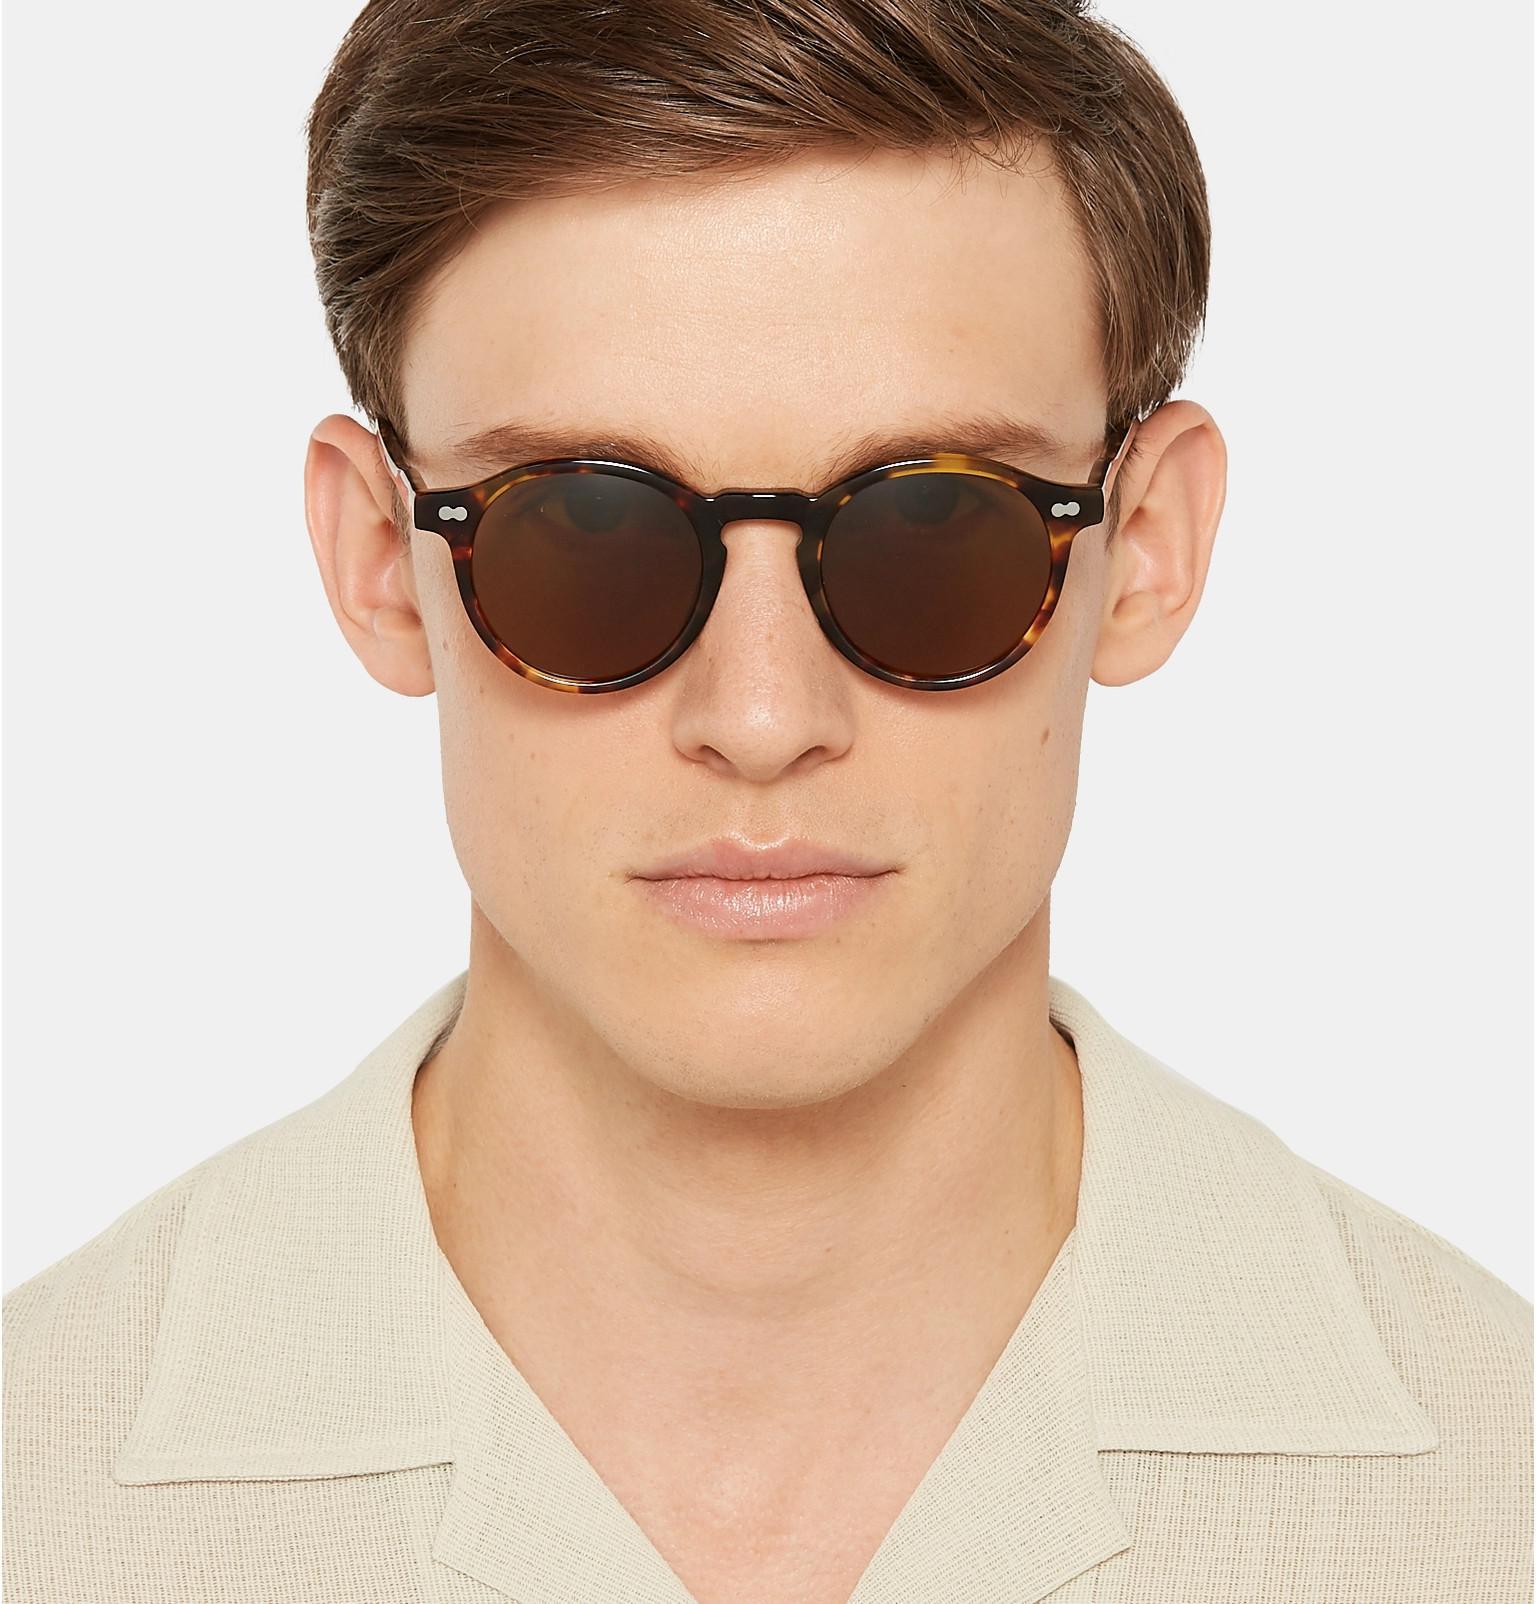 0f010bed920bb ... Miltzen Round-frame Tortoiseshell Acetate Sunglasses for Men - Lyst.  View fullscreen